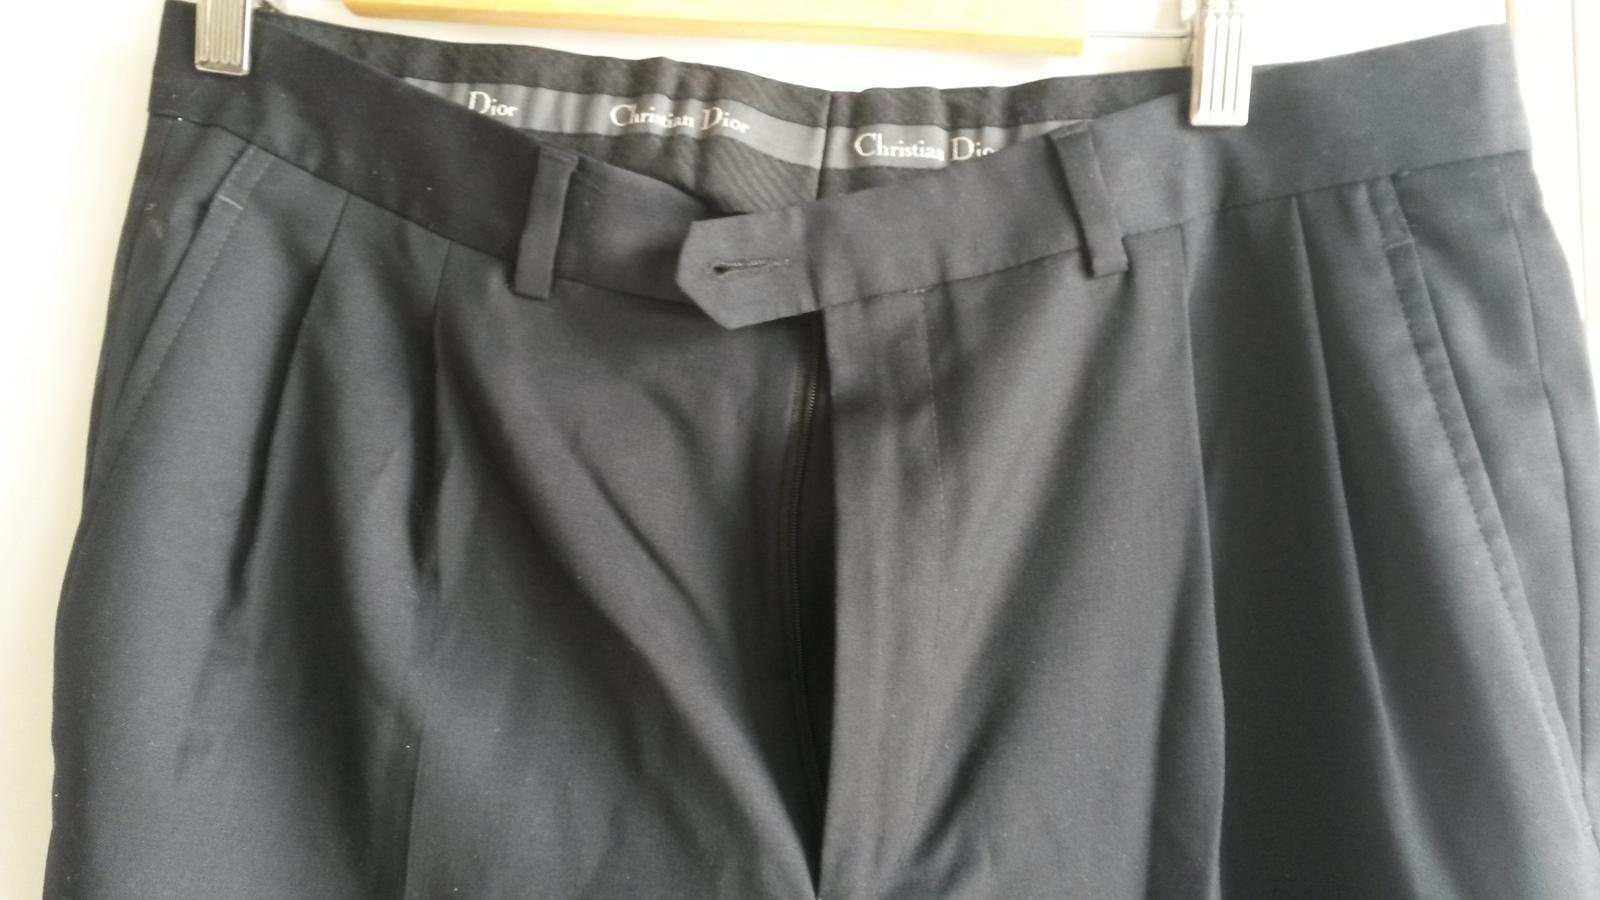 Pánske elegantné nohavice - Obrázok č. 2